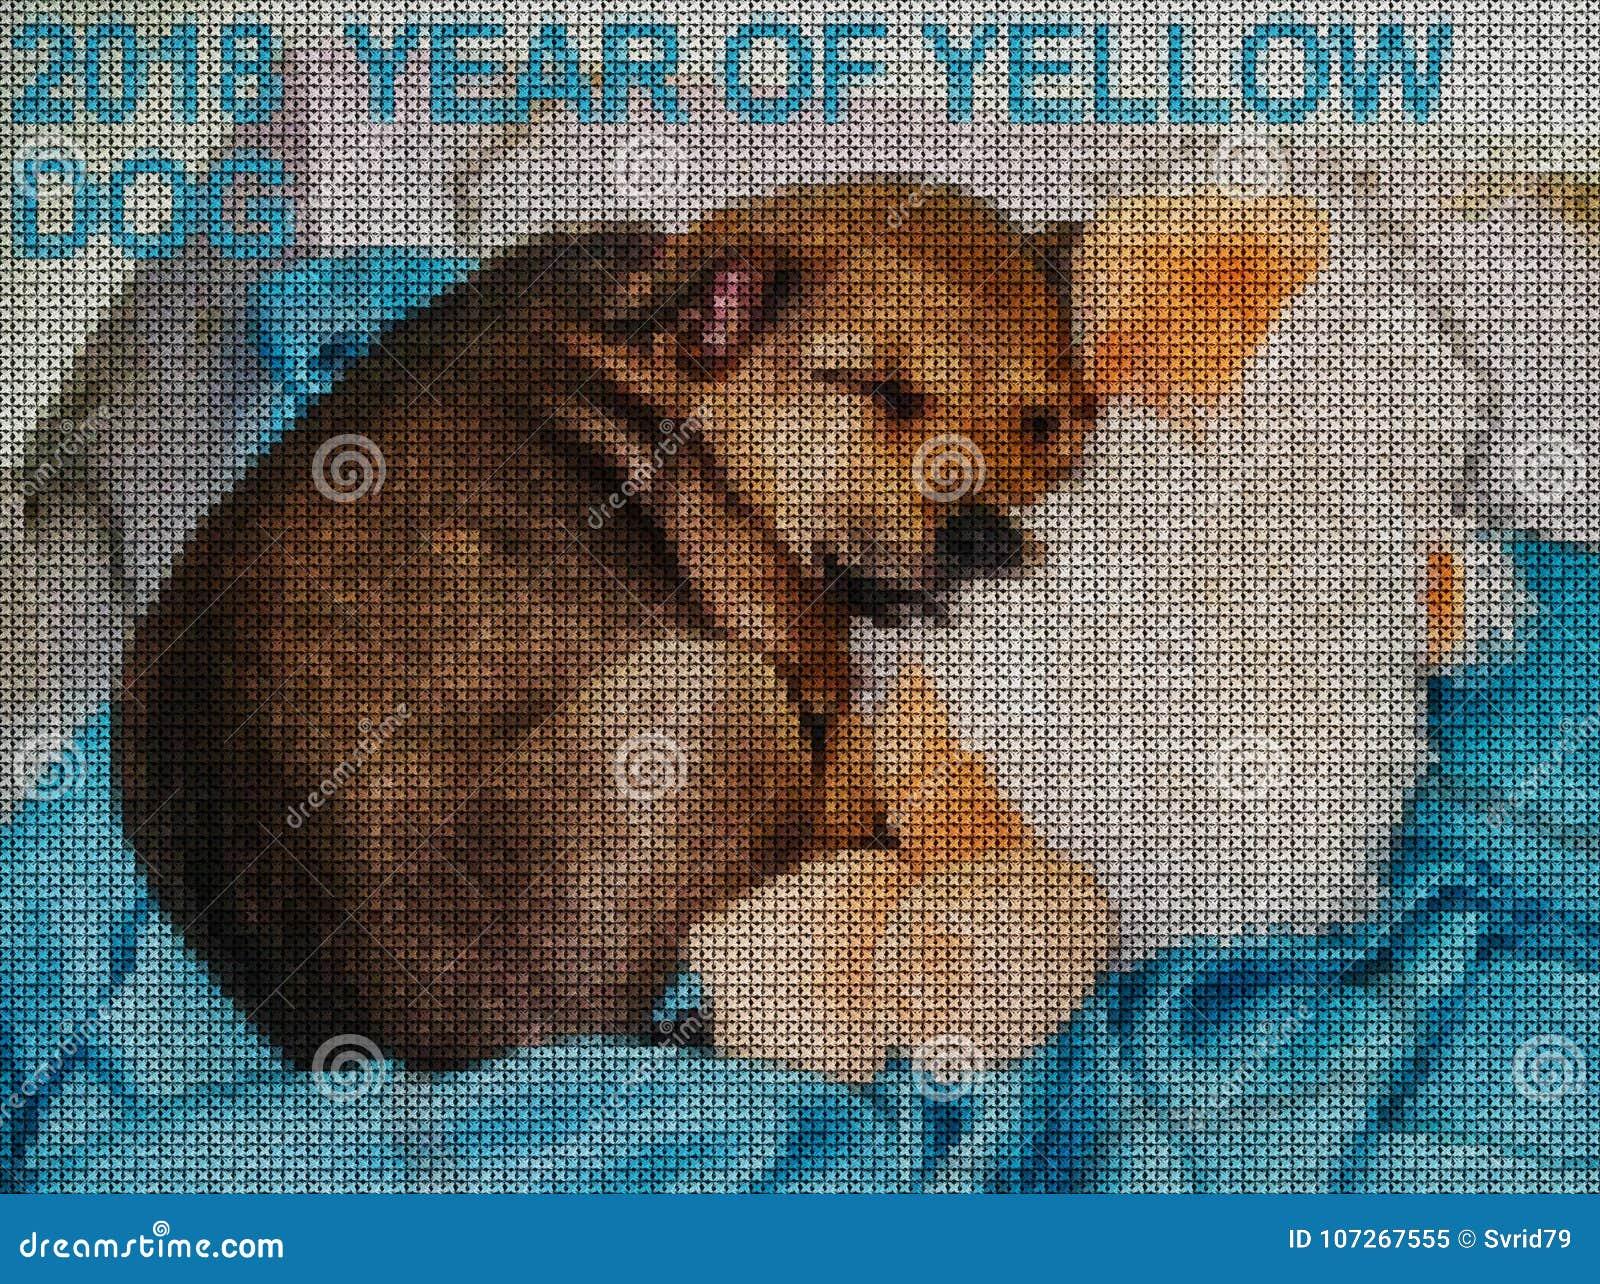 иллюстрации Вышивка крестиком Желтая собака